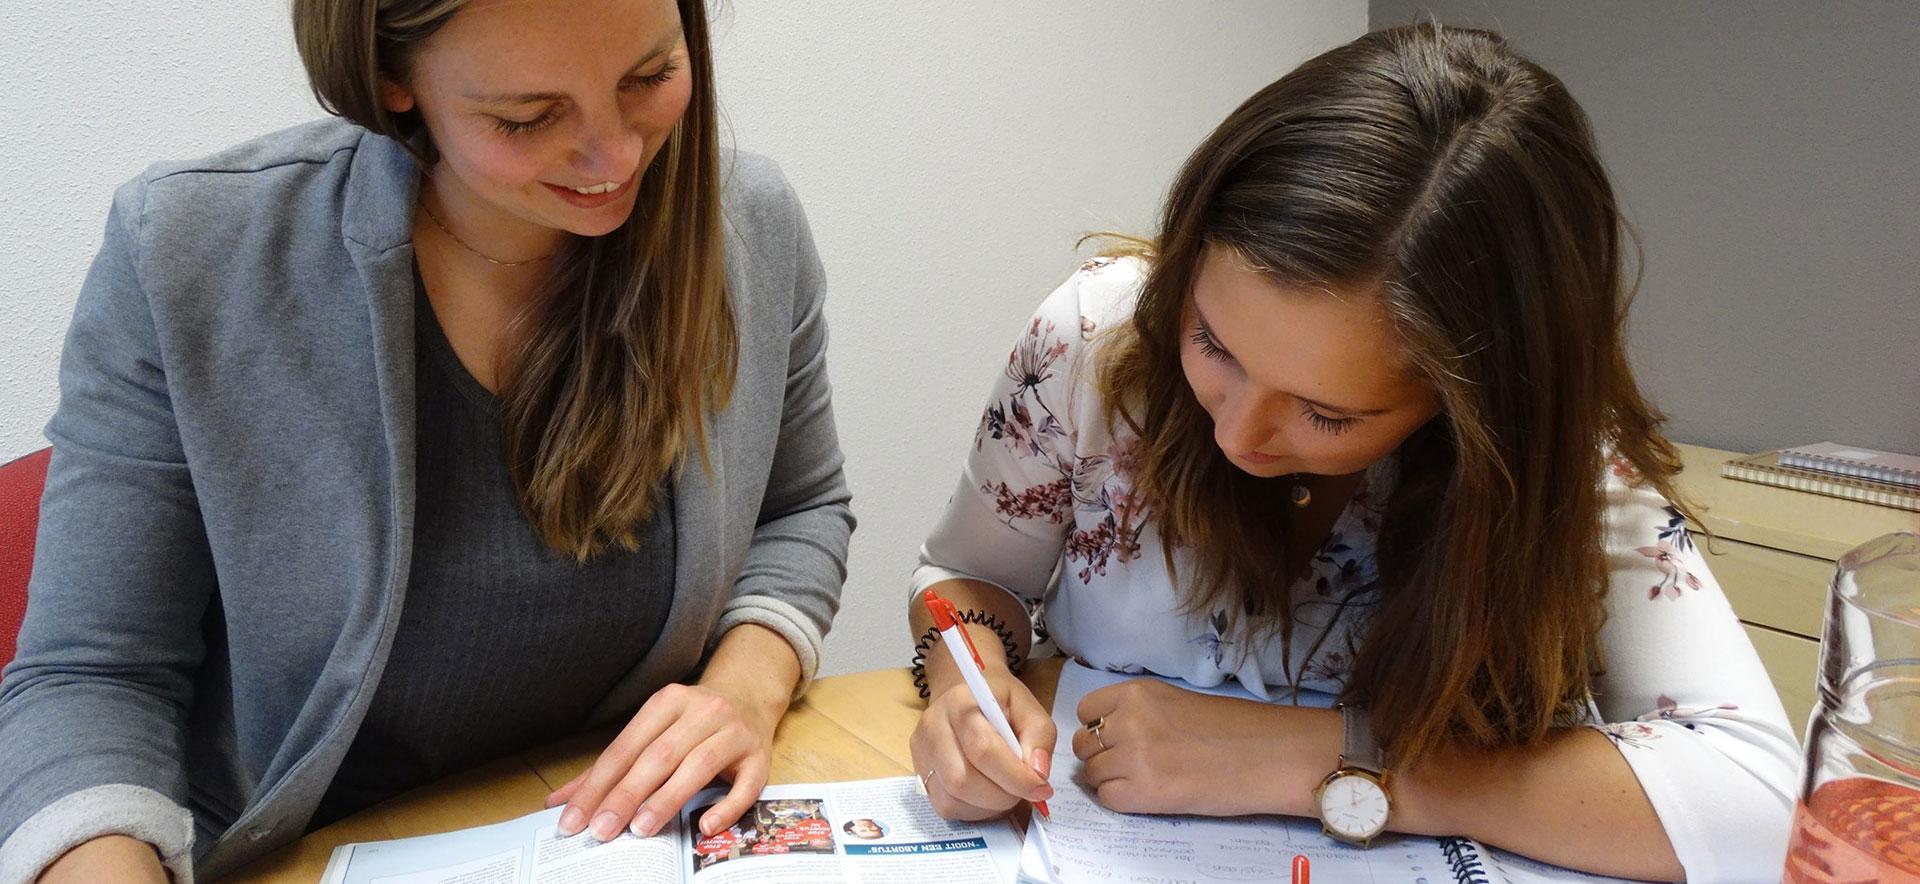 Modules bij gedrag belemmeringen Studiebegeleiding Nijmegen